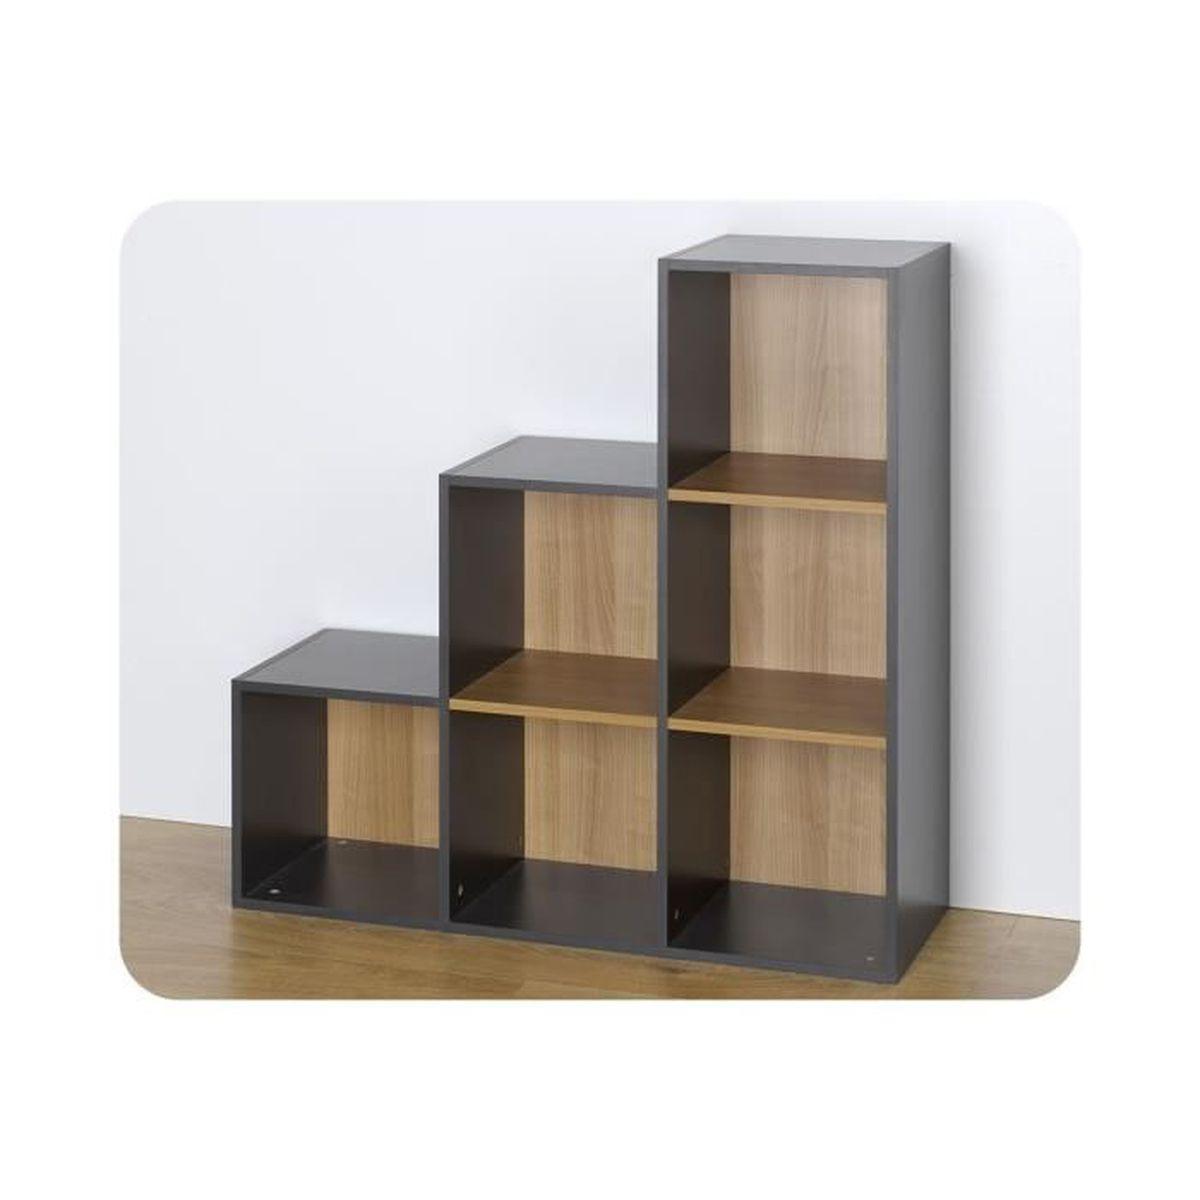 Escalier Modulaire Pas Cher etagères - 6 cases de rangement escalier modulables gris